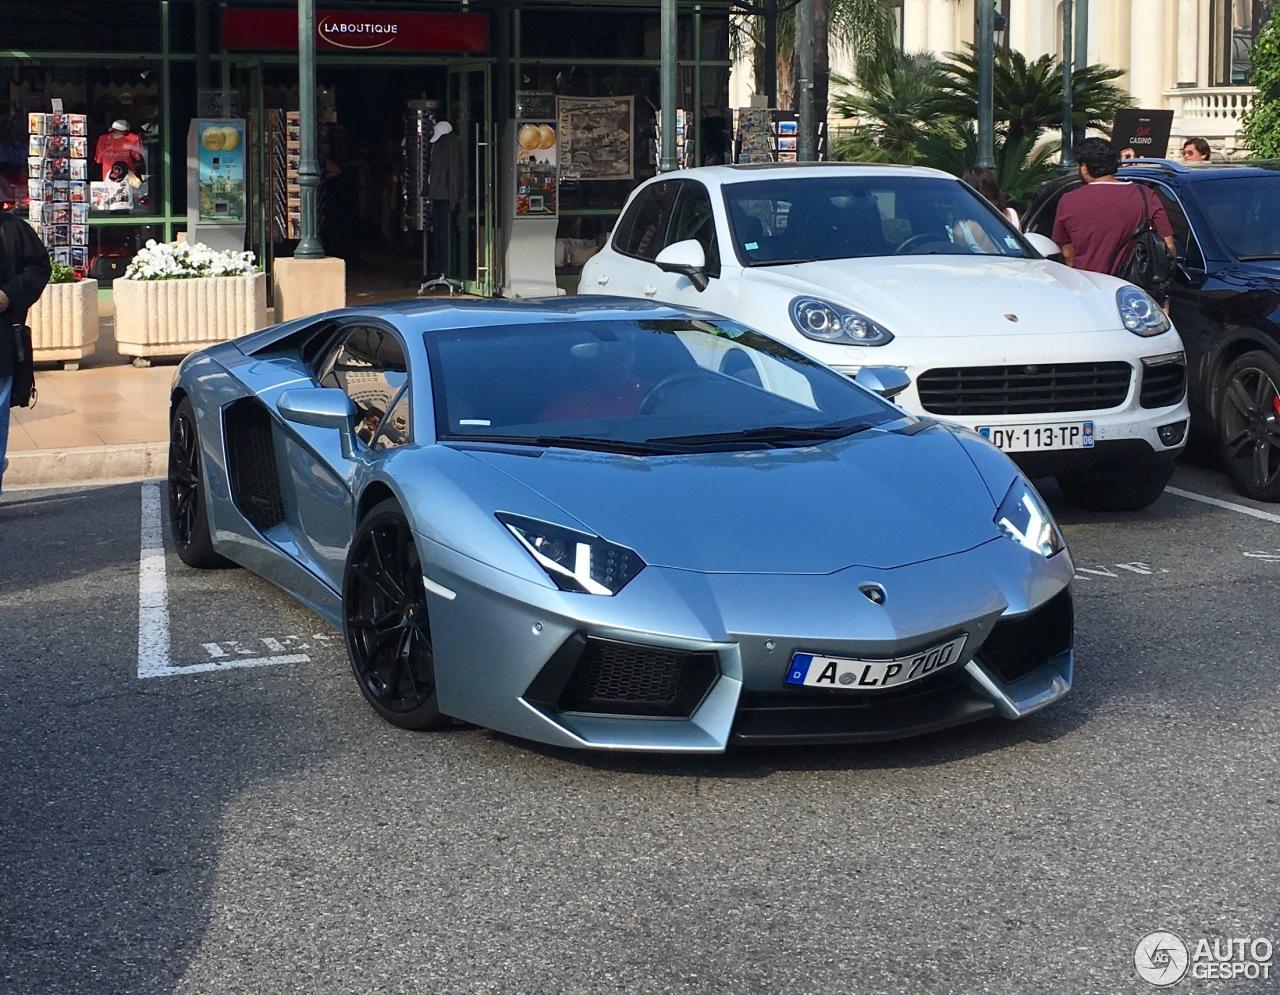 Lamborghini Aventador LP700-4 - 16 May 2017 - Auspot on lamborghini roadster 2017, lamborghini murcielago 2017, lamborghini gallardo spyder, lamborghini gallardo 2017, lamborghini tron 2017, lamborghini countach 2017, lamborghini sesto elemento 2017, lamborghini estoque,